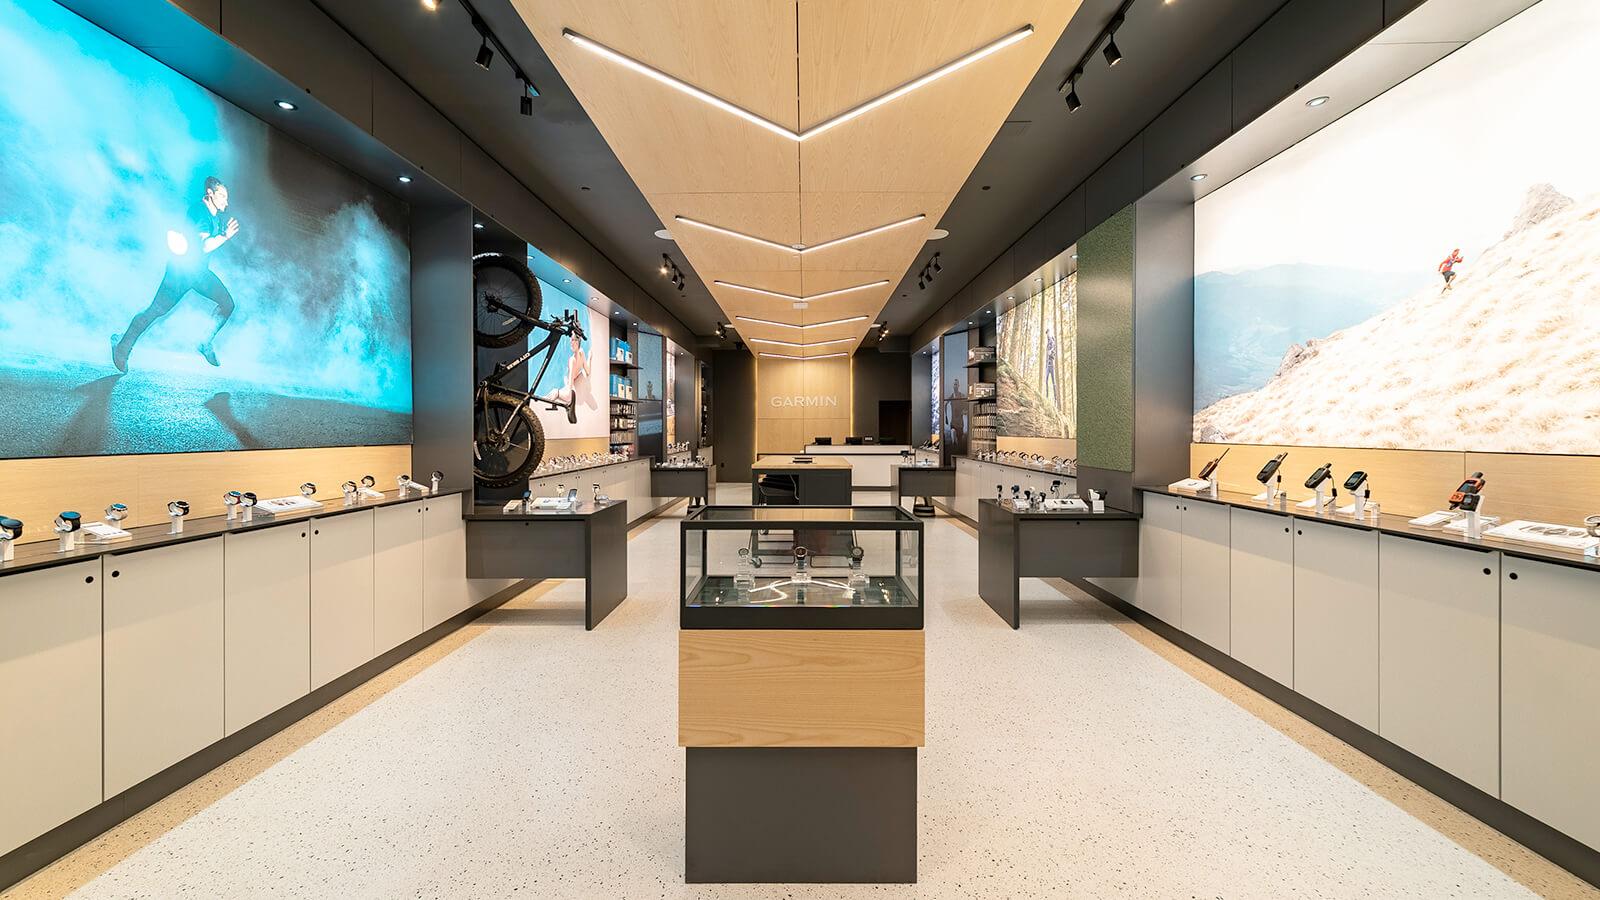 Garmin Retail Interior Sales Floor